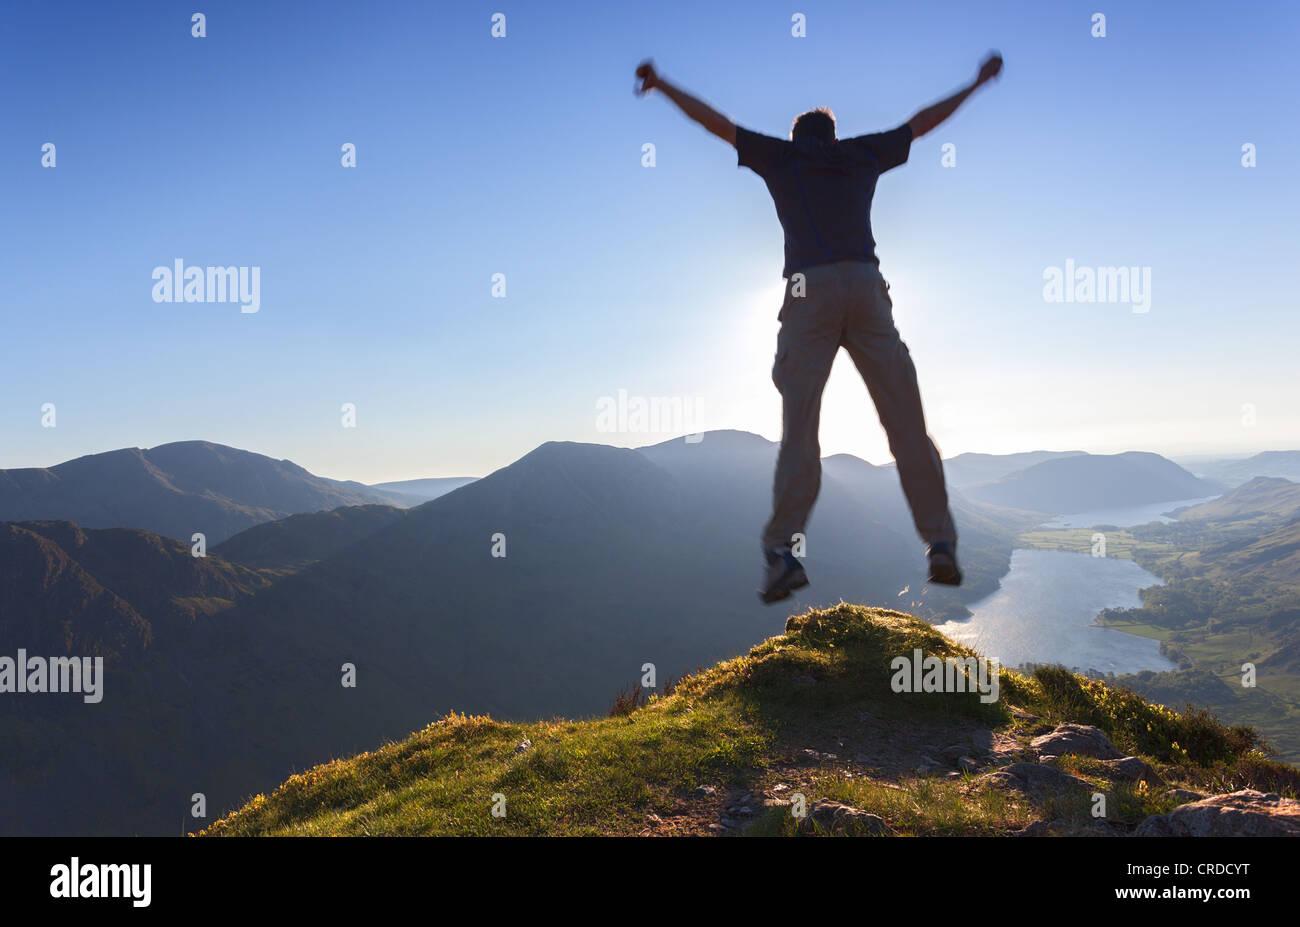 Un uomo salta fuori da un bordo di una montagna. Immagini Stock